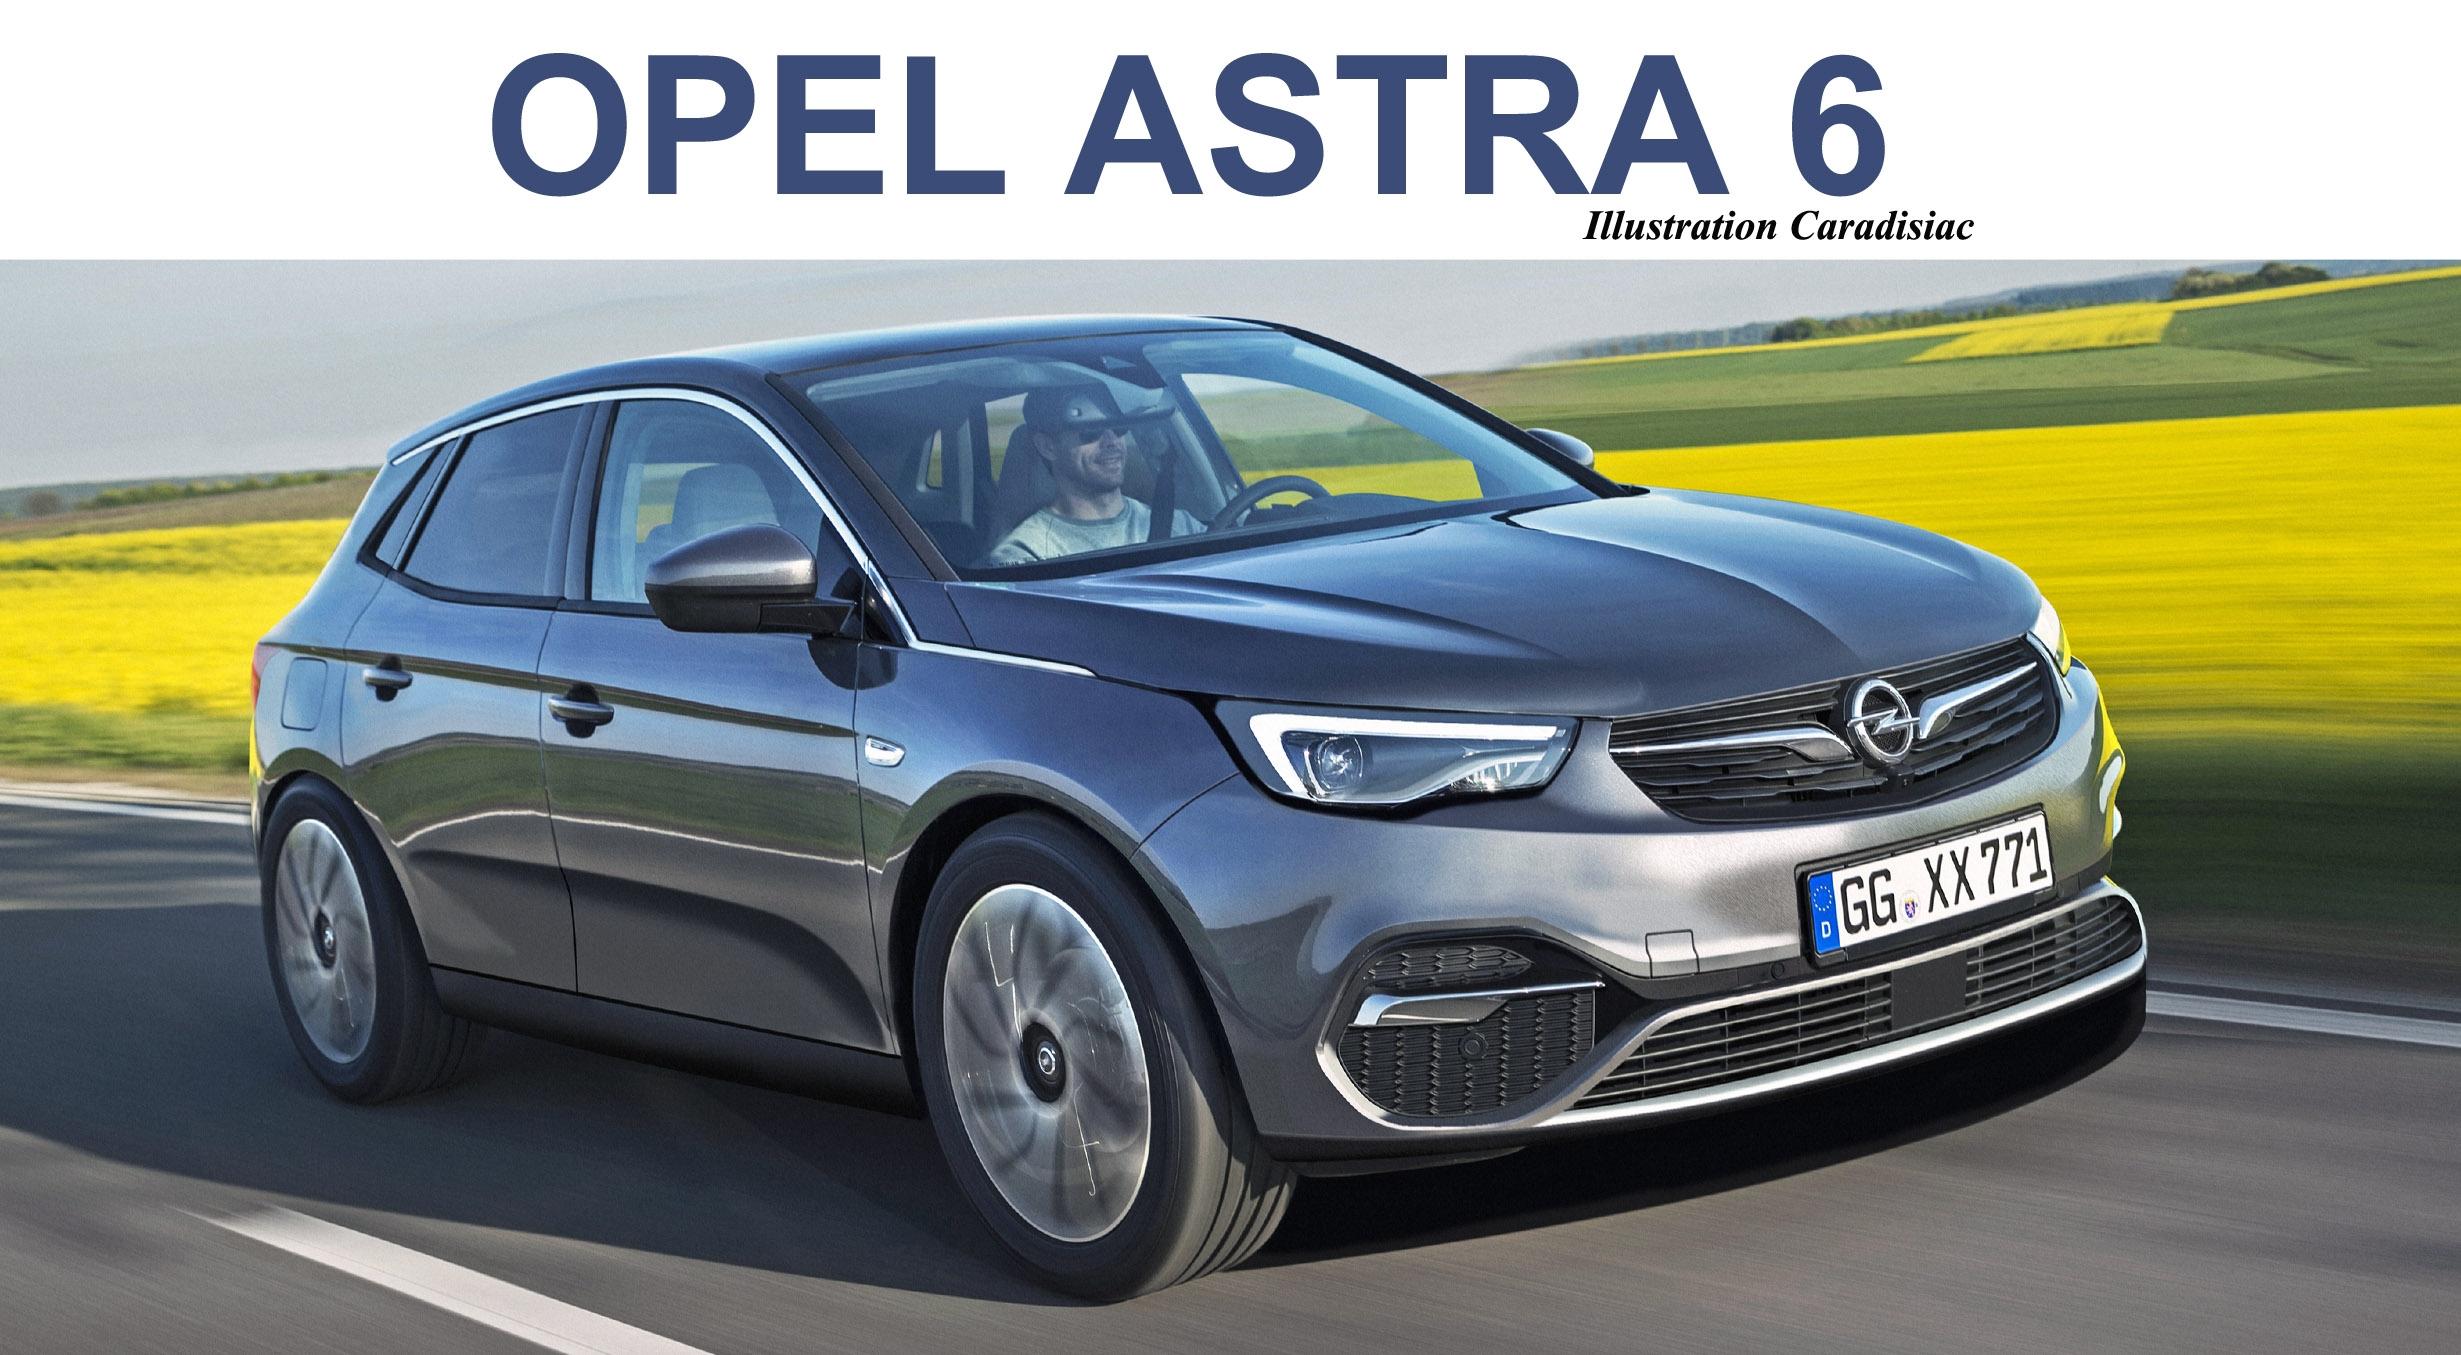 La Nouvelle Opel Astra Est Prevue Pour 2021